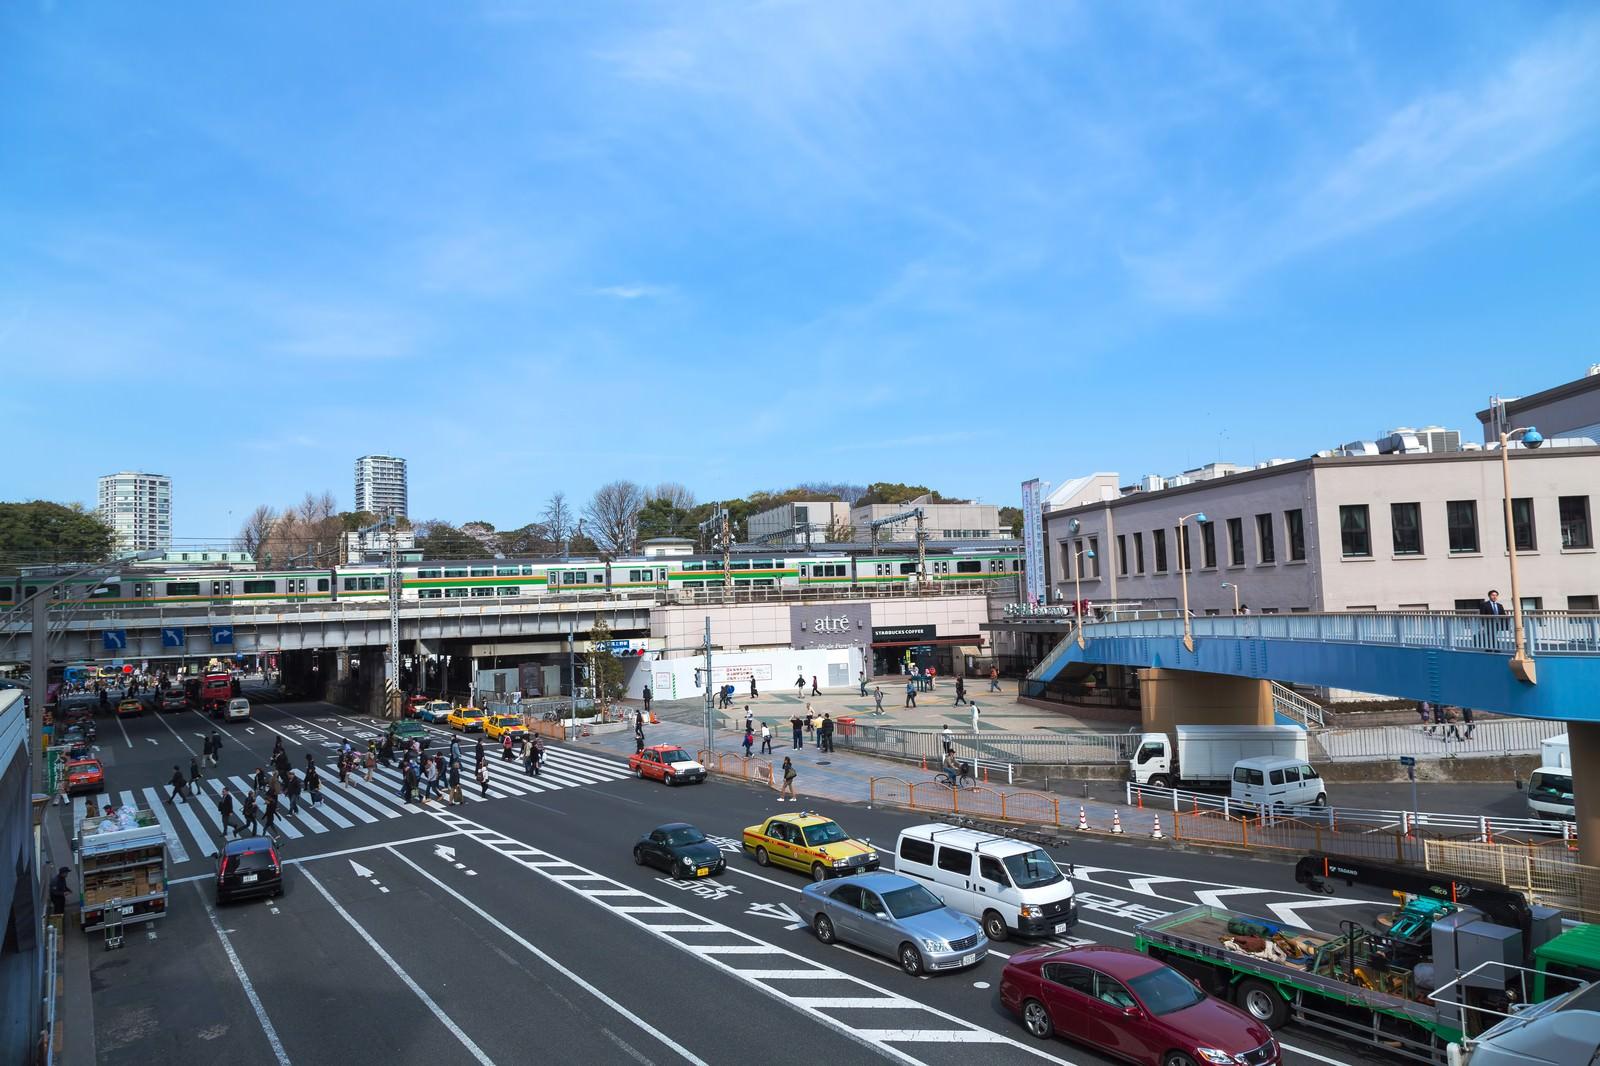 「JR上野駅」の写真